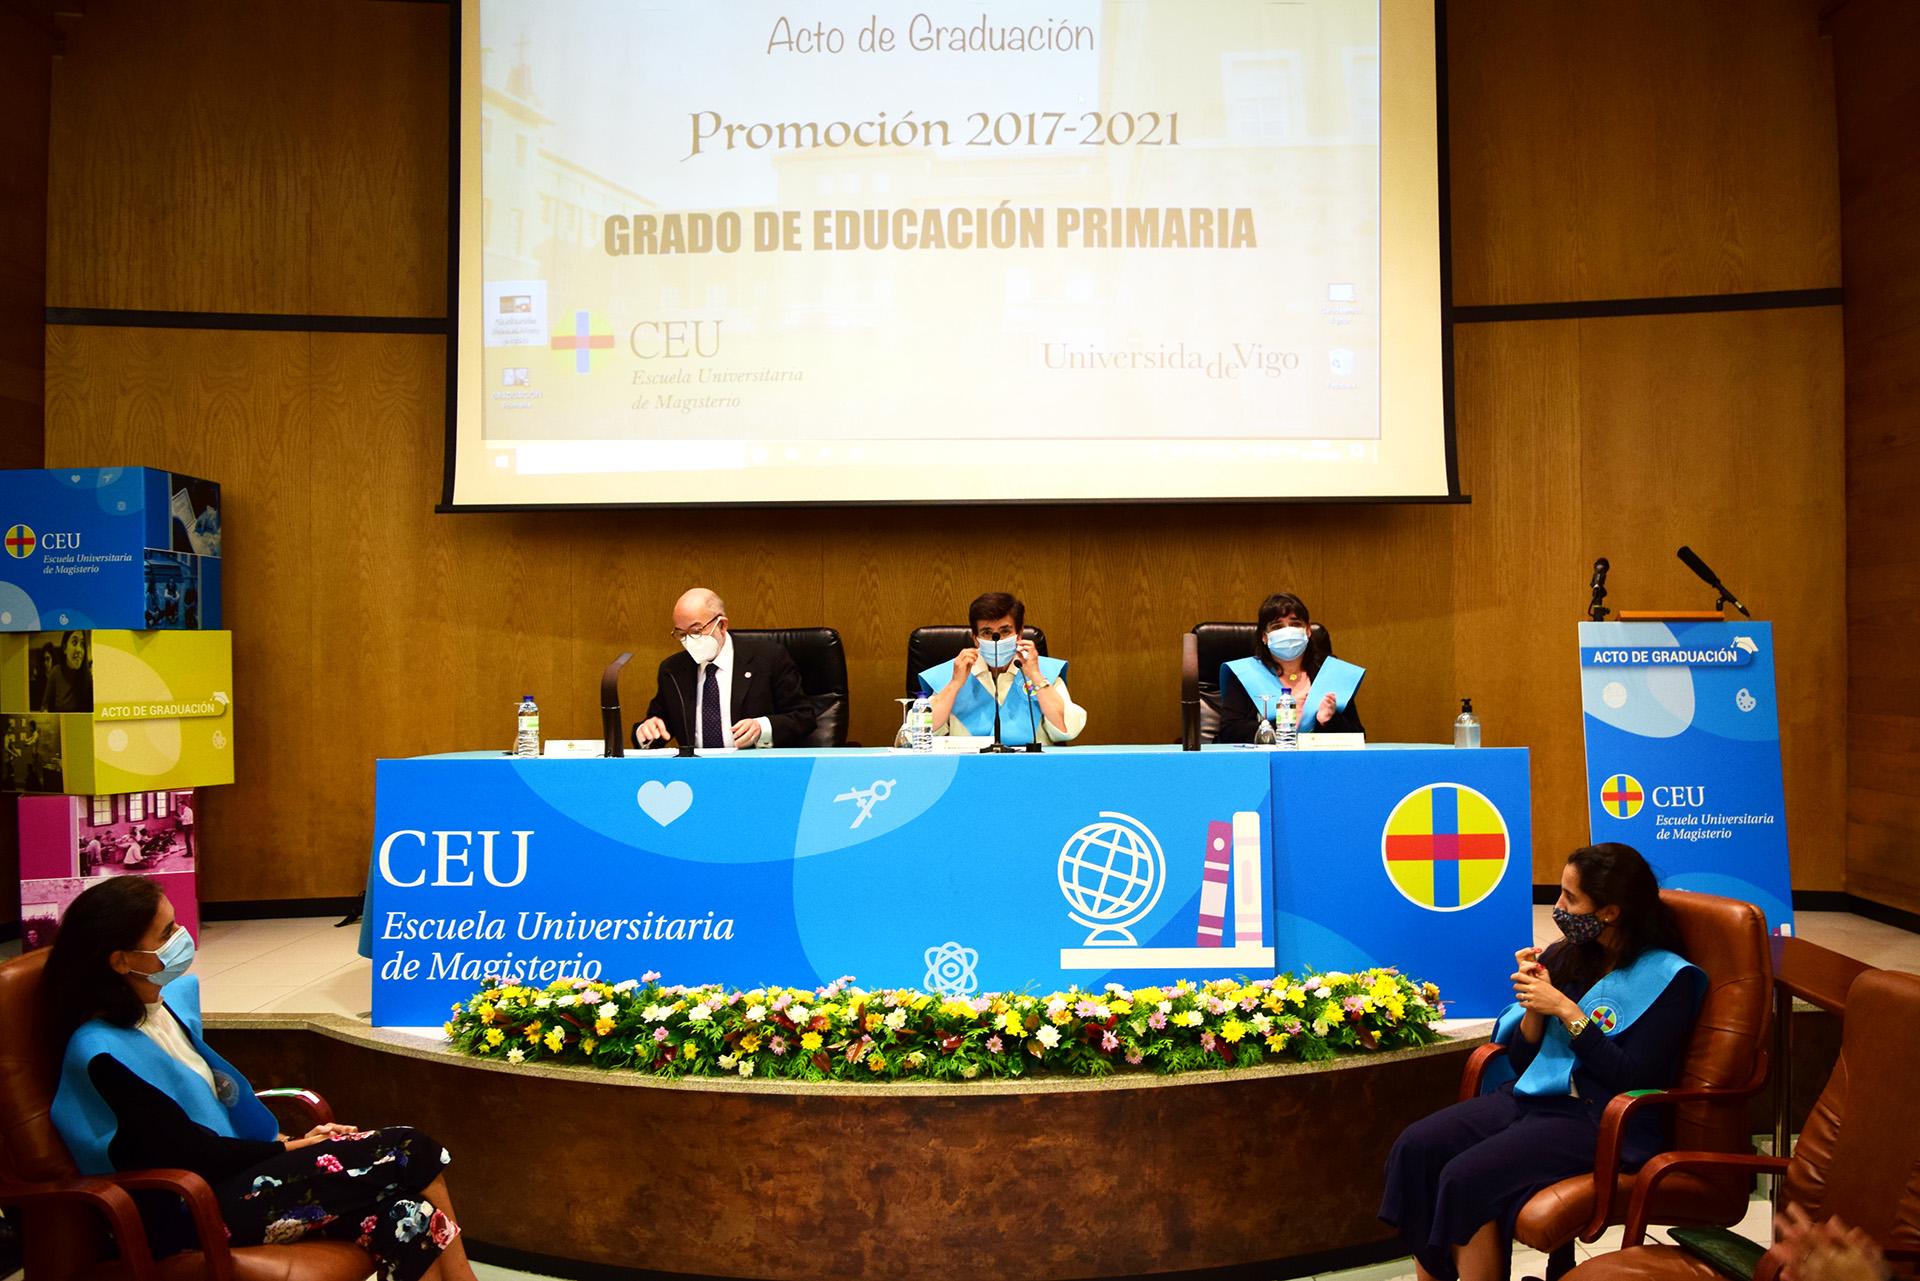 Graduación de la Promoción 2017-2021 del Grado de Educación Primaria